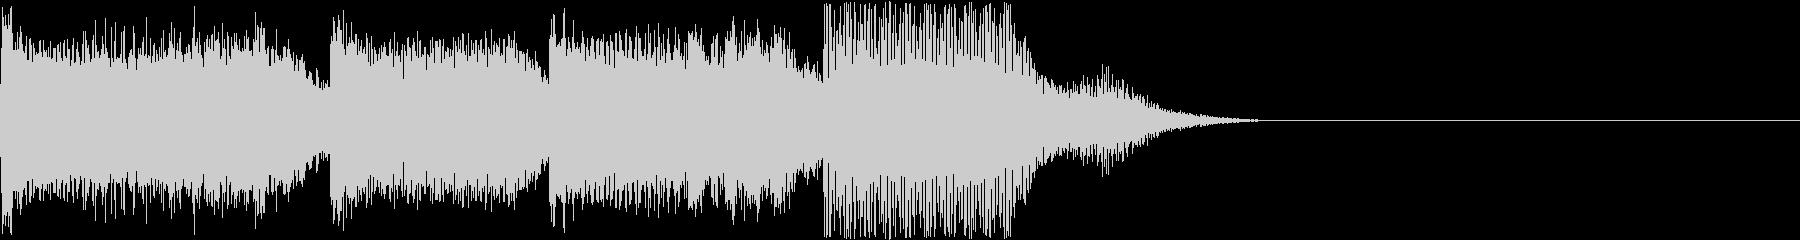 AI メカ/ロボ/マシン動作音 23の未再生の波形